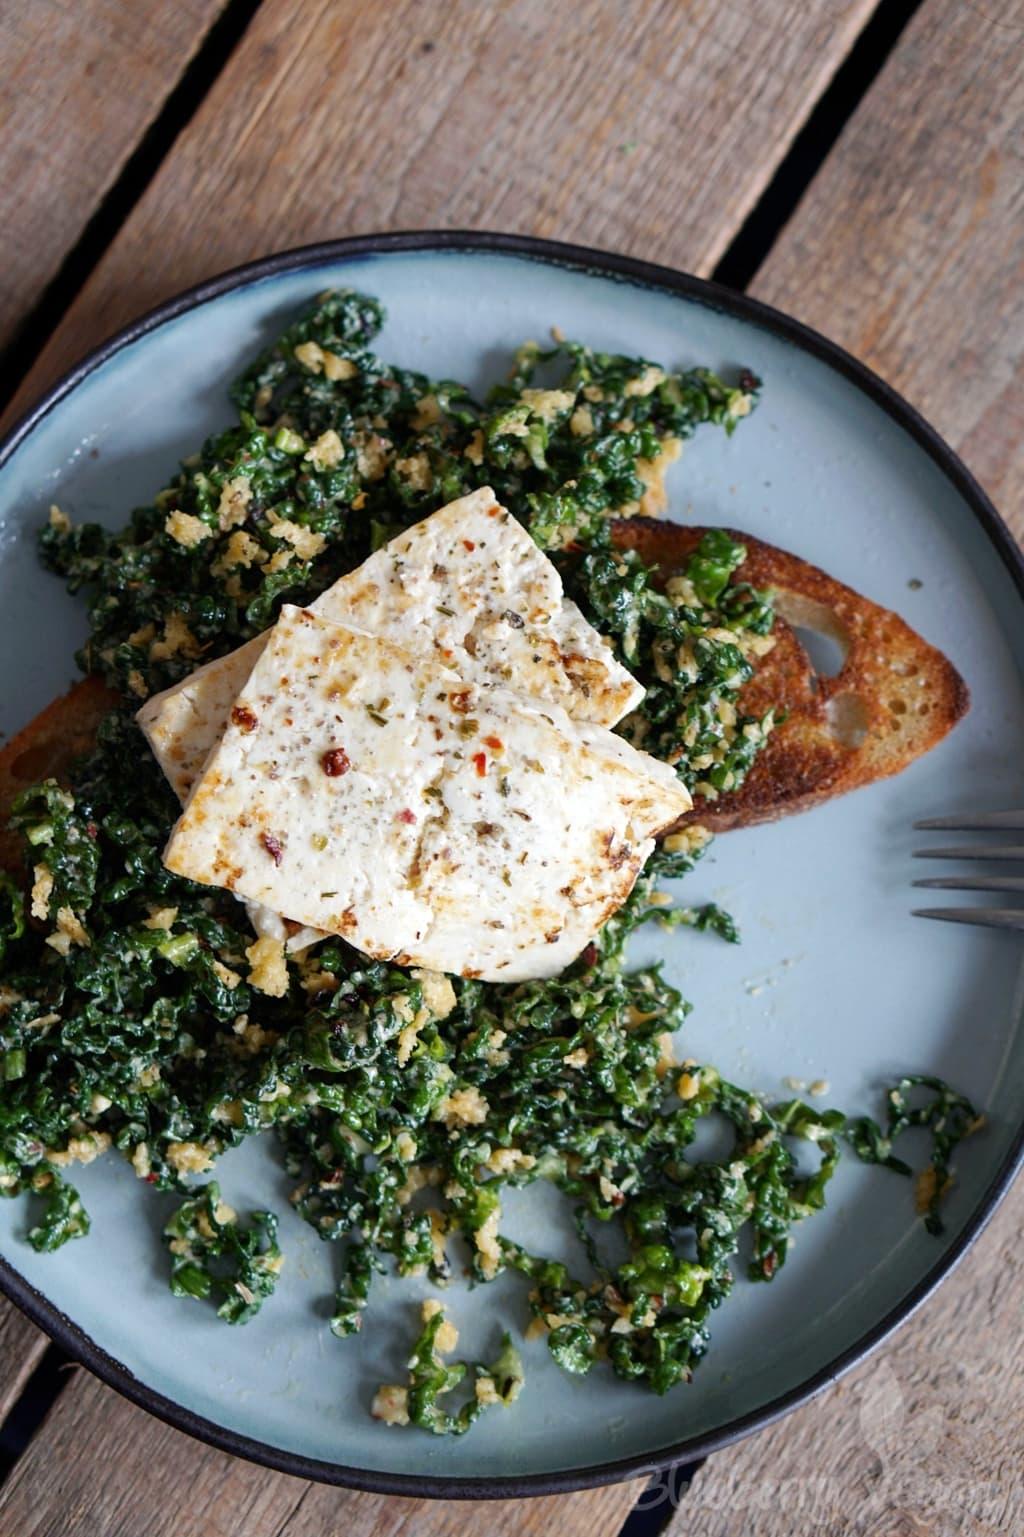 Würziger Schwarzkohlsalat mit gebratenem Tofu auf Sauerteigbrot